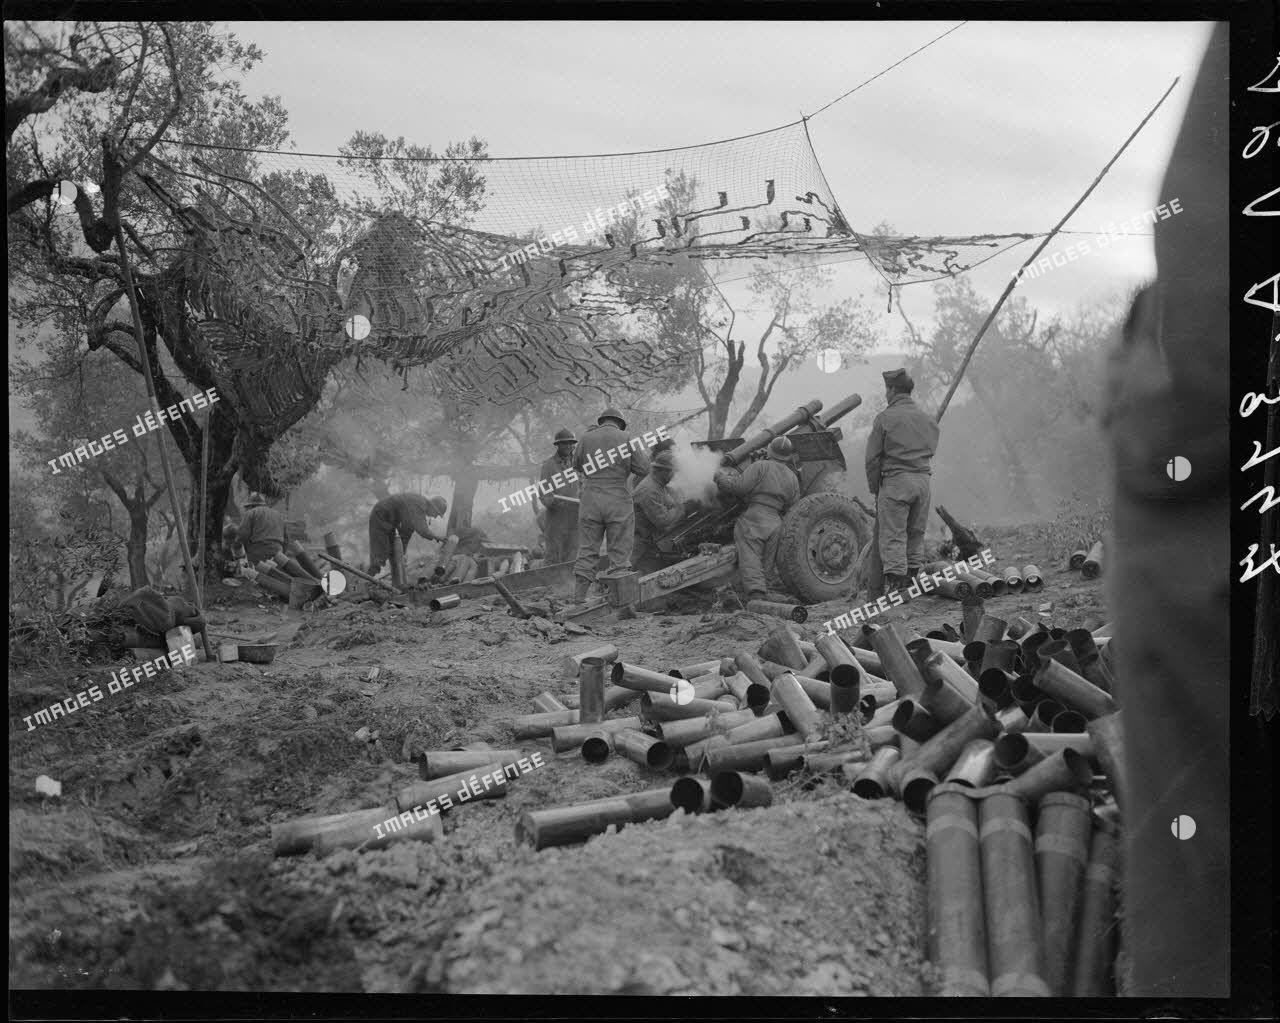 Tirs de préparation d'artillerie d'un obusier de 105 mm HM2 (howitzer) du 64e RAA.